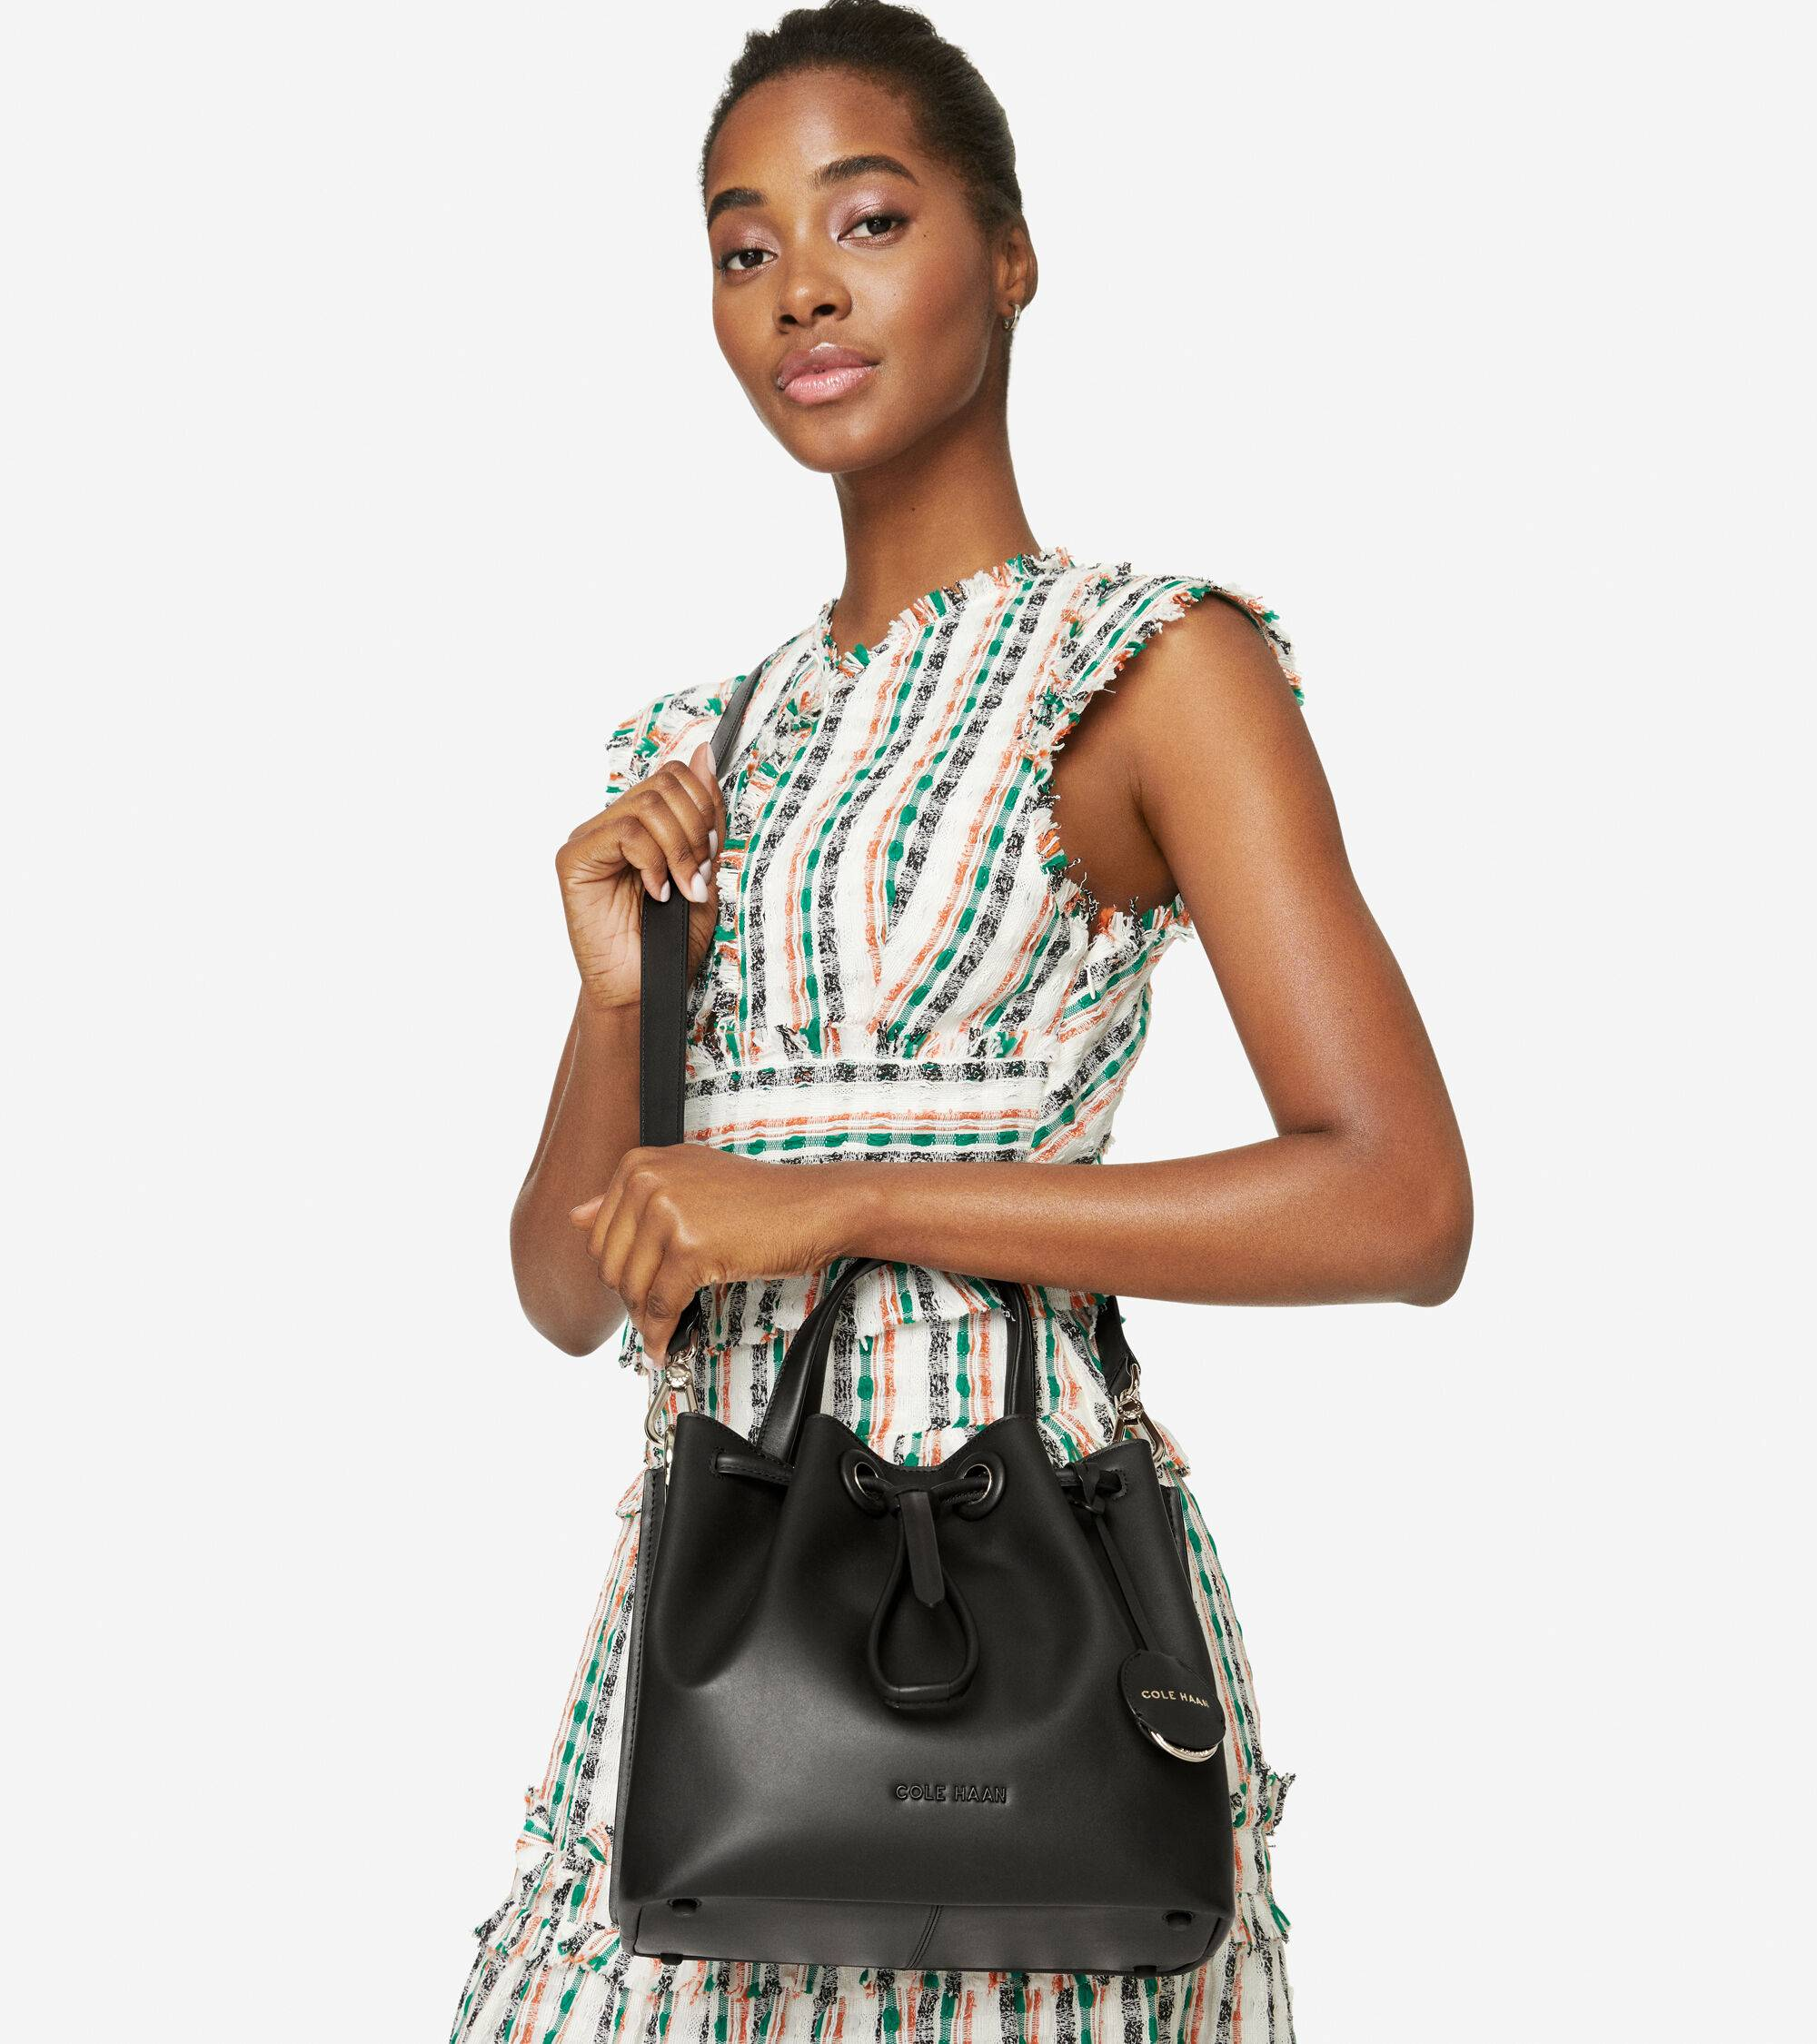 Cole Haan Small Bucket Bag - BLACK - Size: OSFA